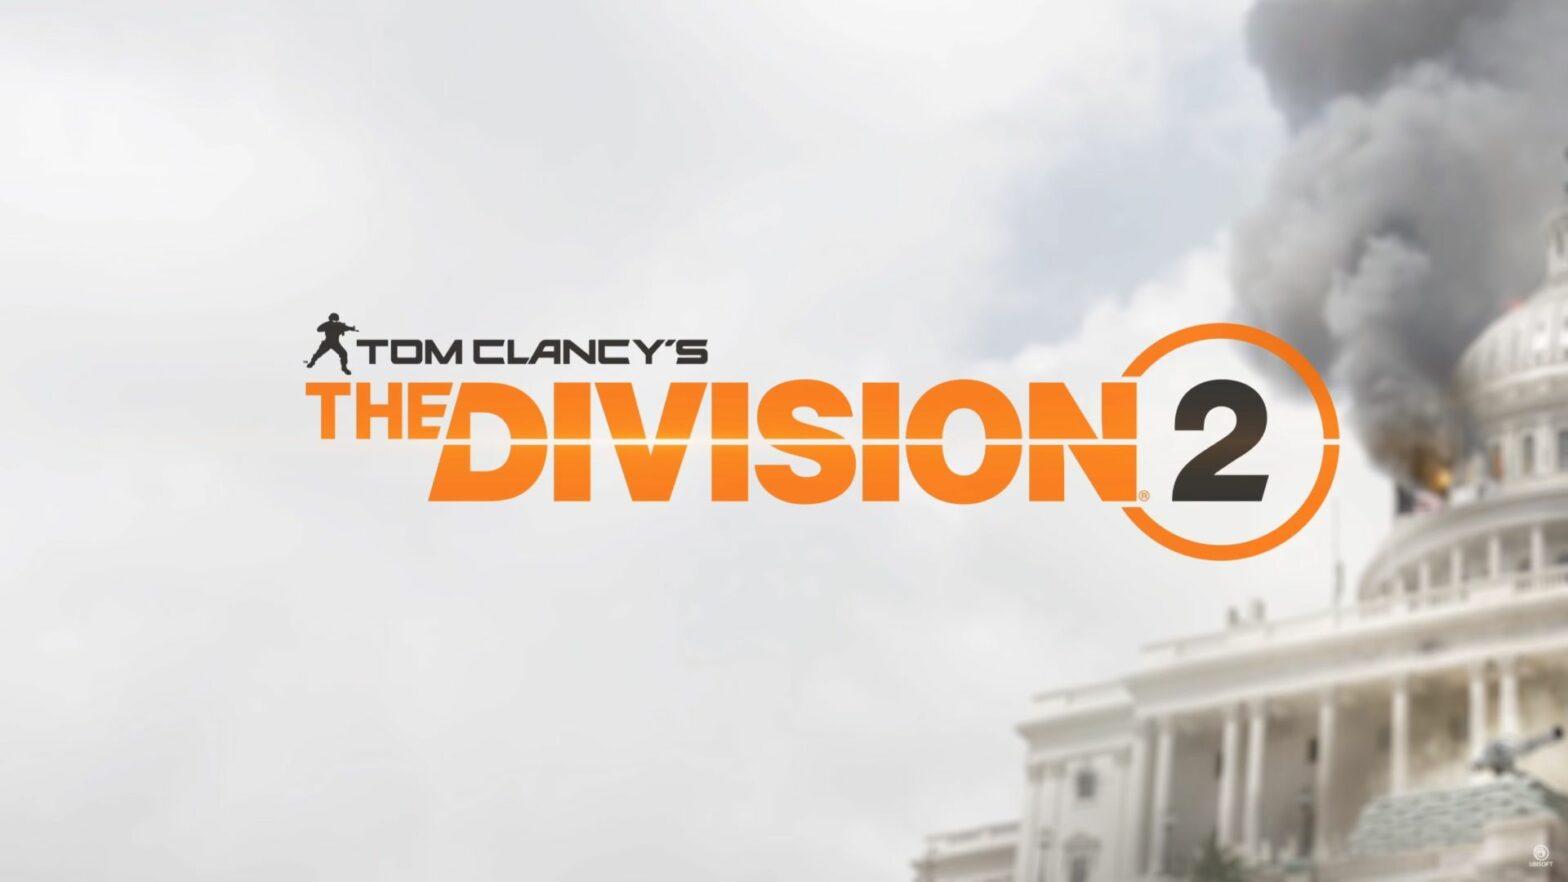 Neues Multiplayer Briefing zu Tom Clancy's The Division 2 veröffentlicht